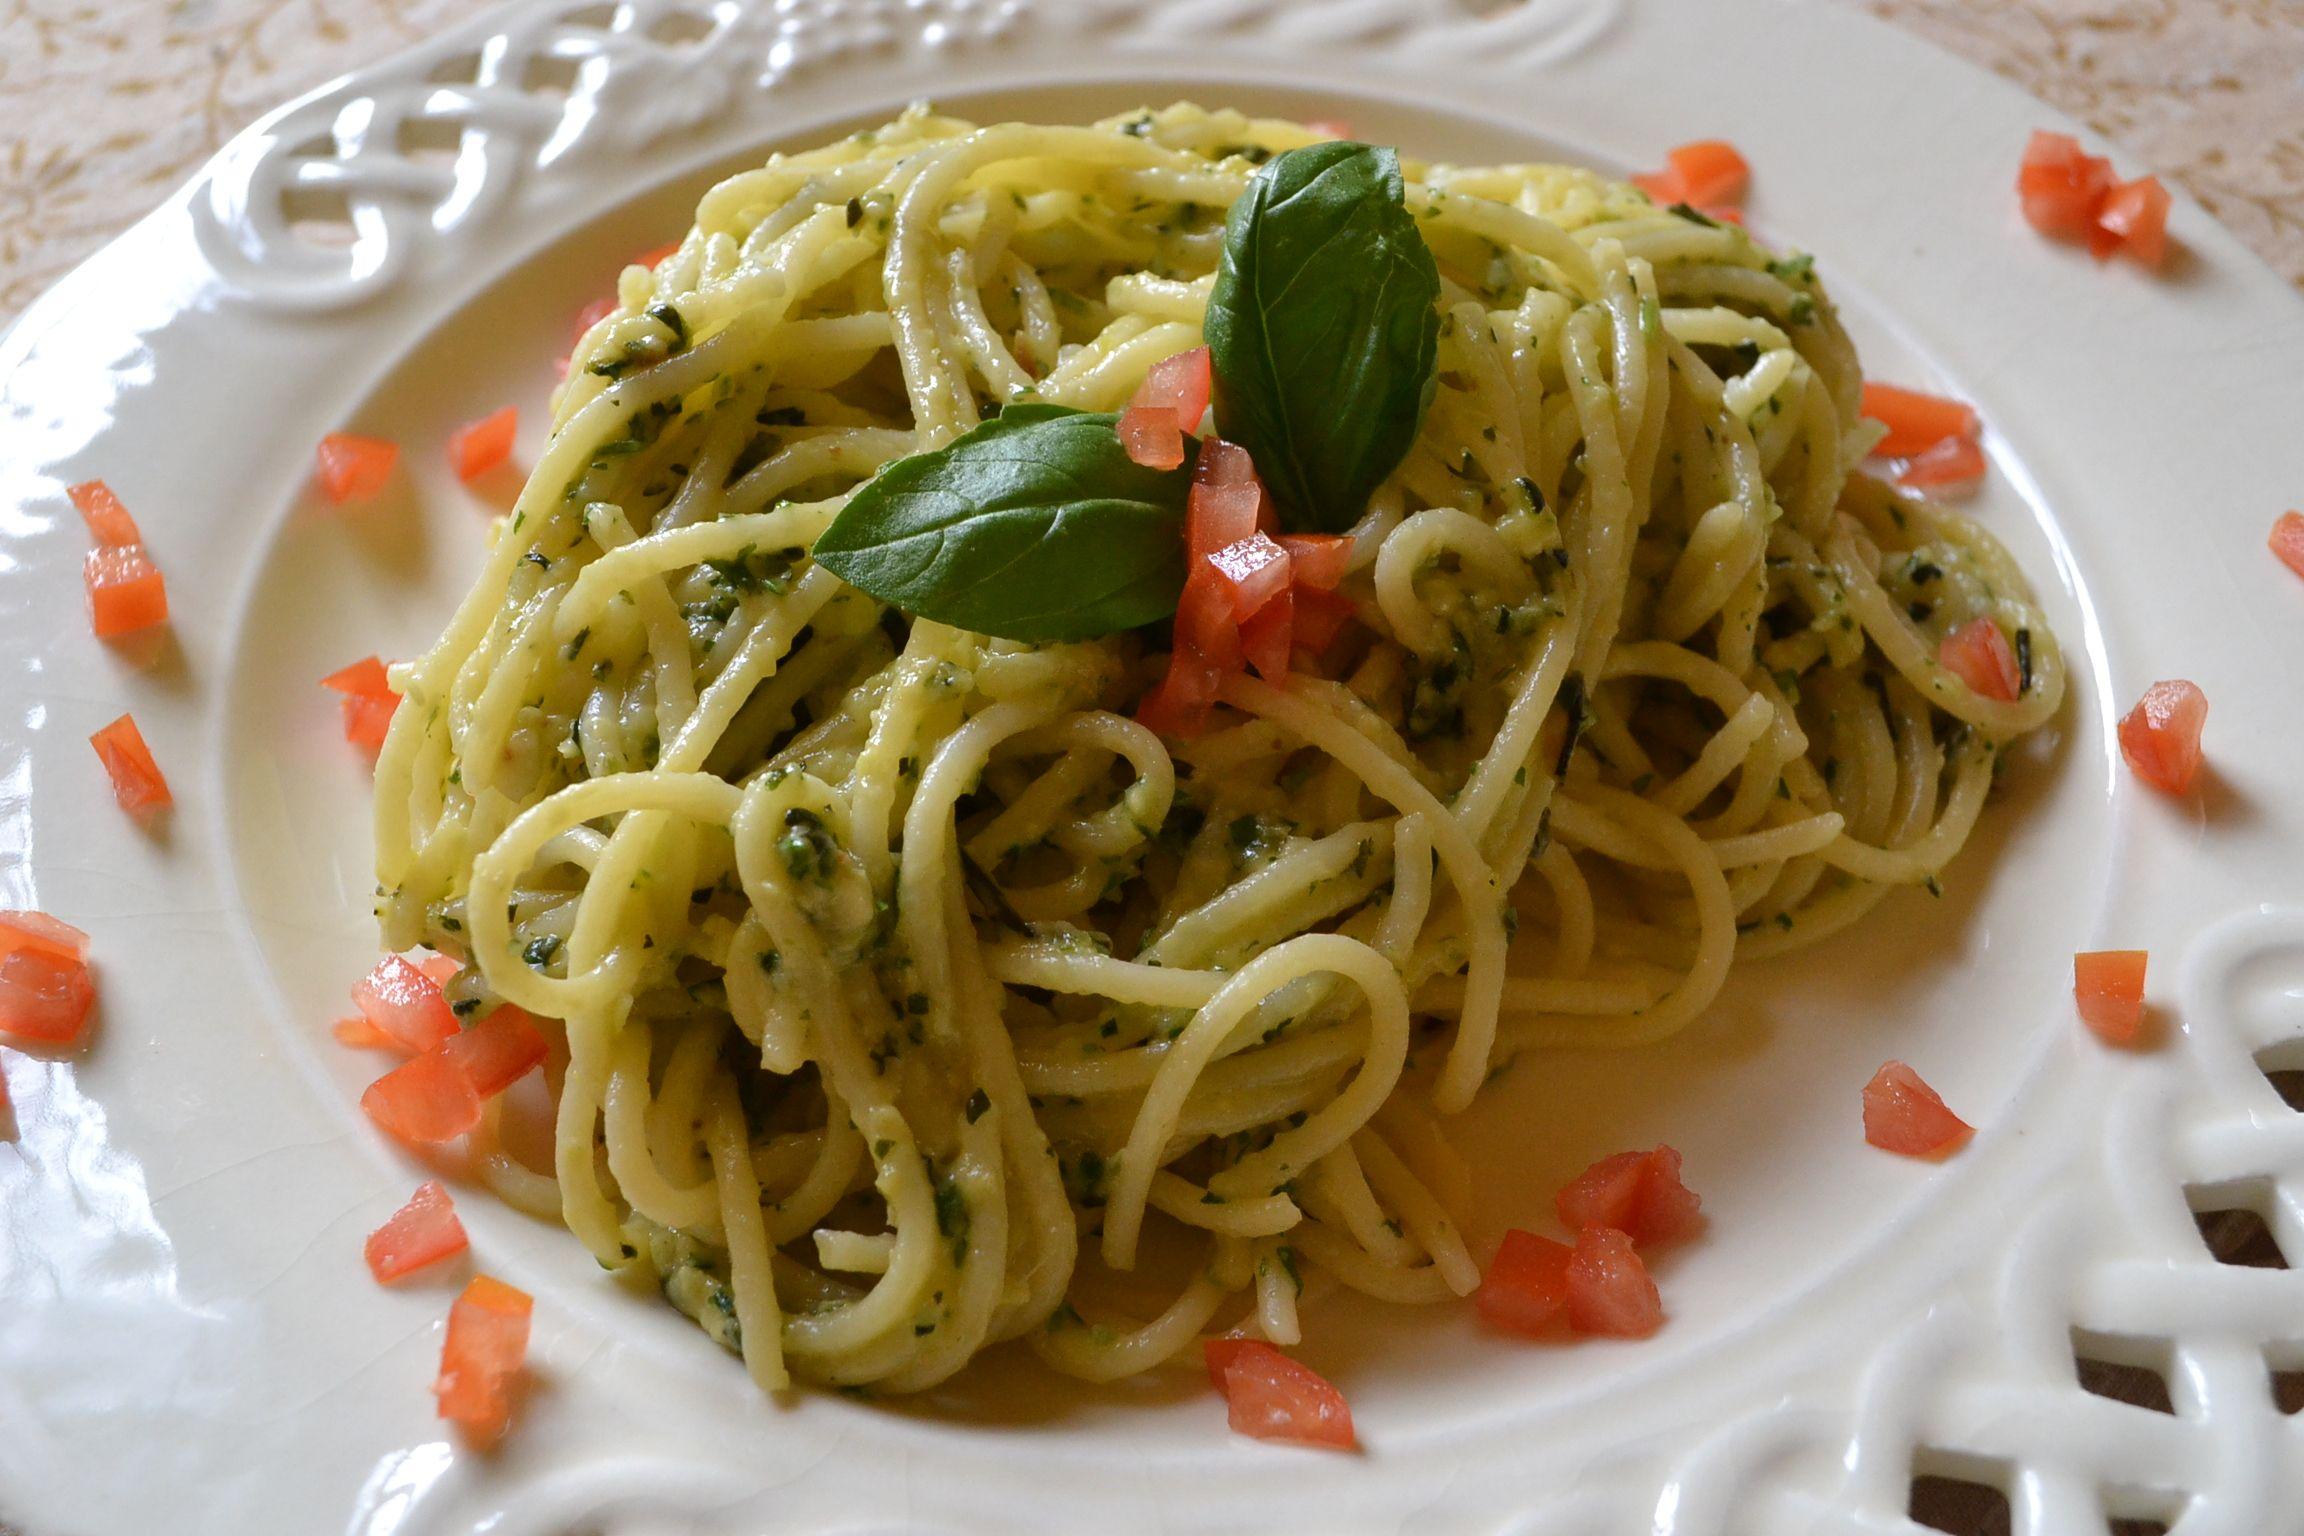 spaghetti mit zucchinipesto rezept kochwerk kochkunst und esskultur pinterest. Black Bedroom Furniture Sets. Home Design Ideas